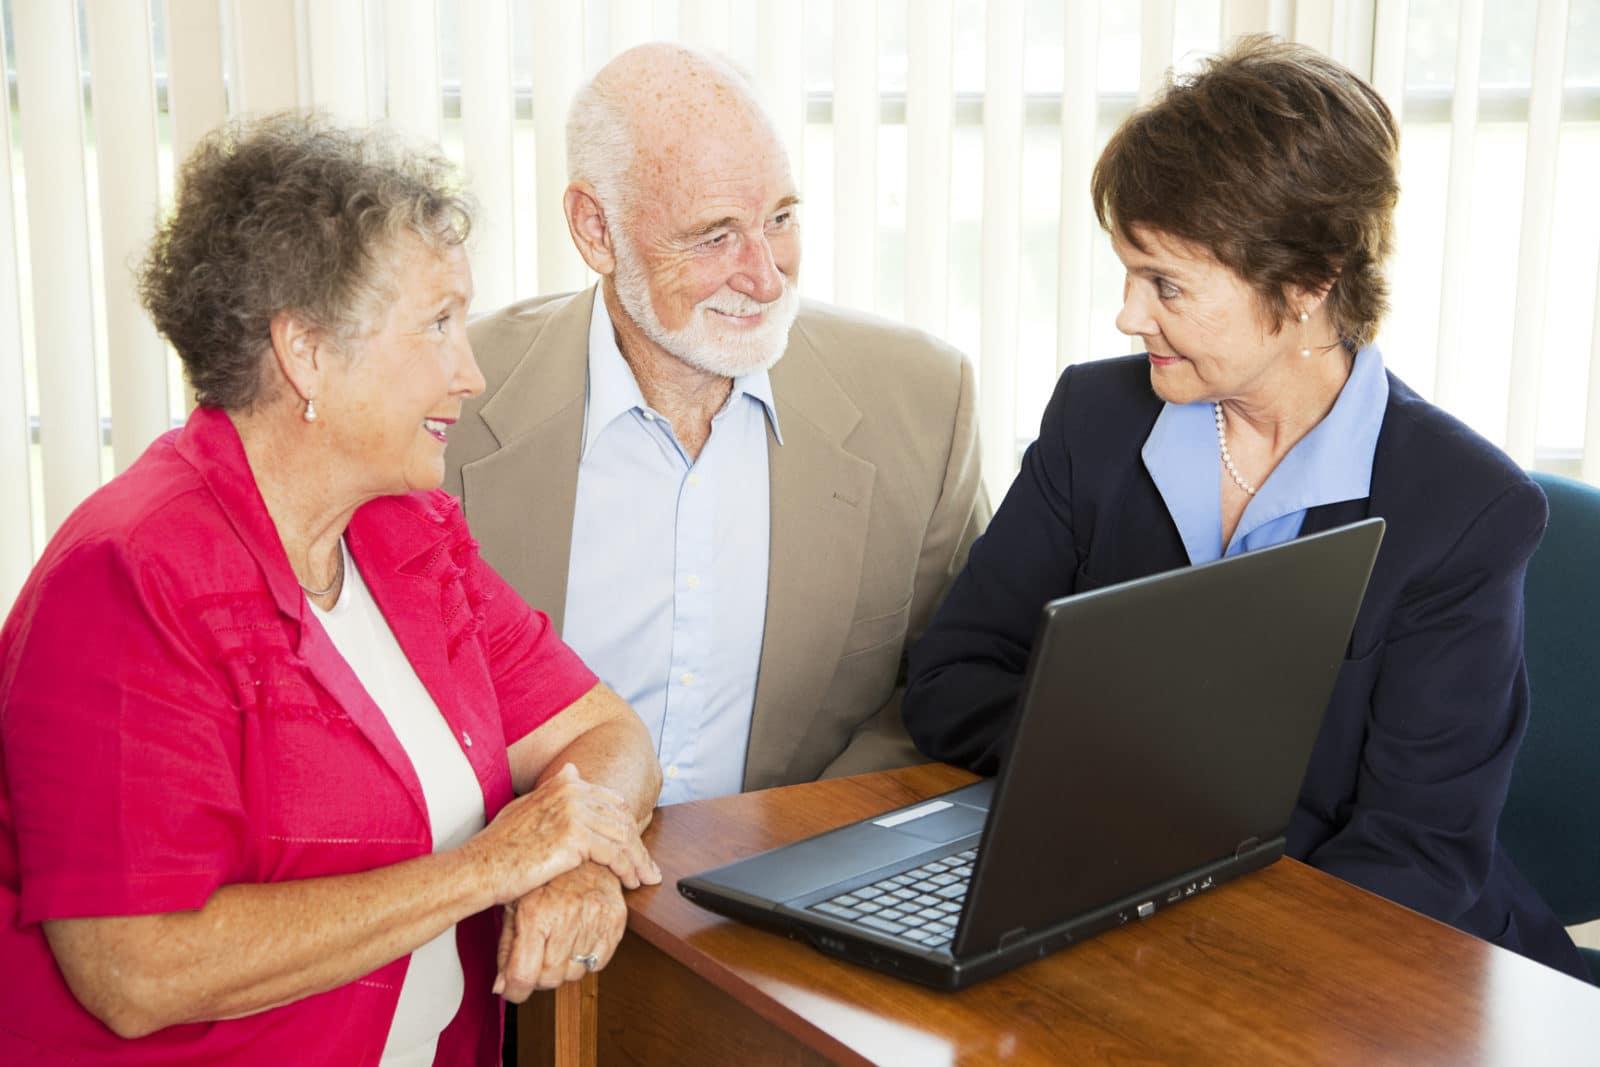 Досрочное оформление пенсии по старости: условия, порядок, бланки